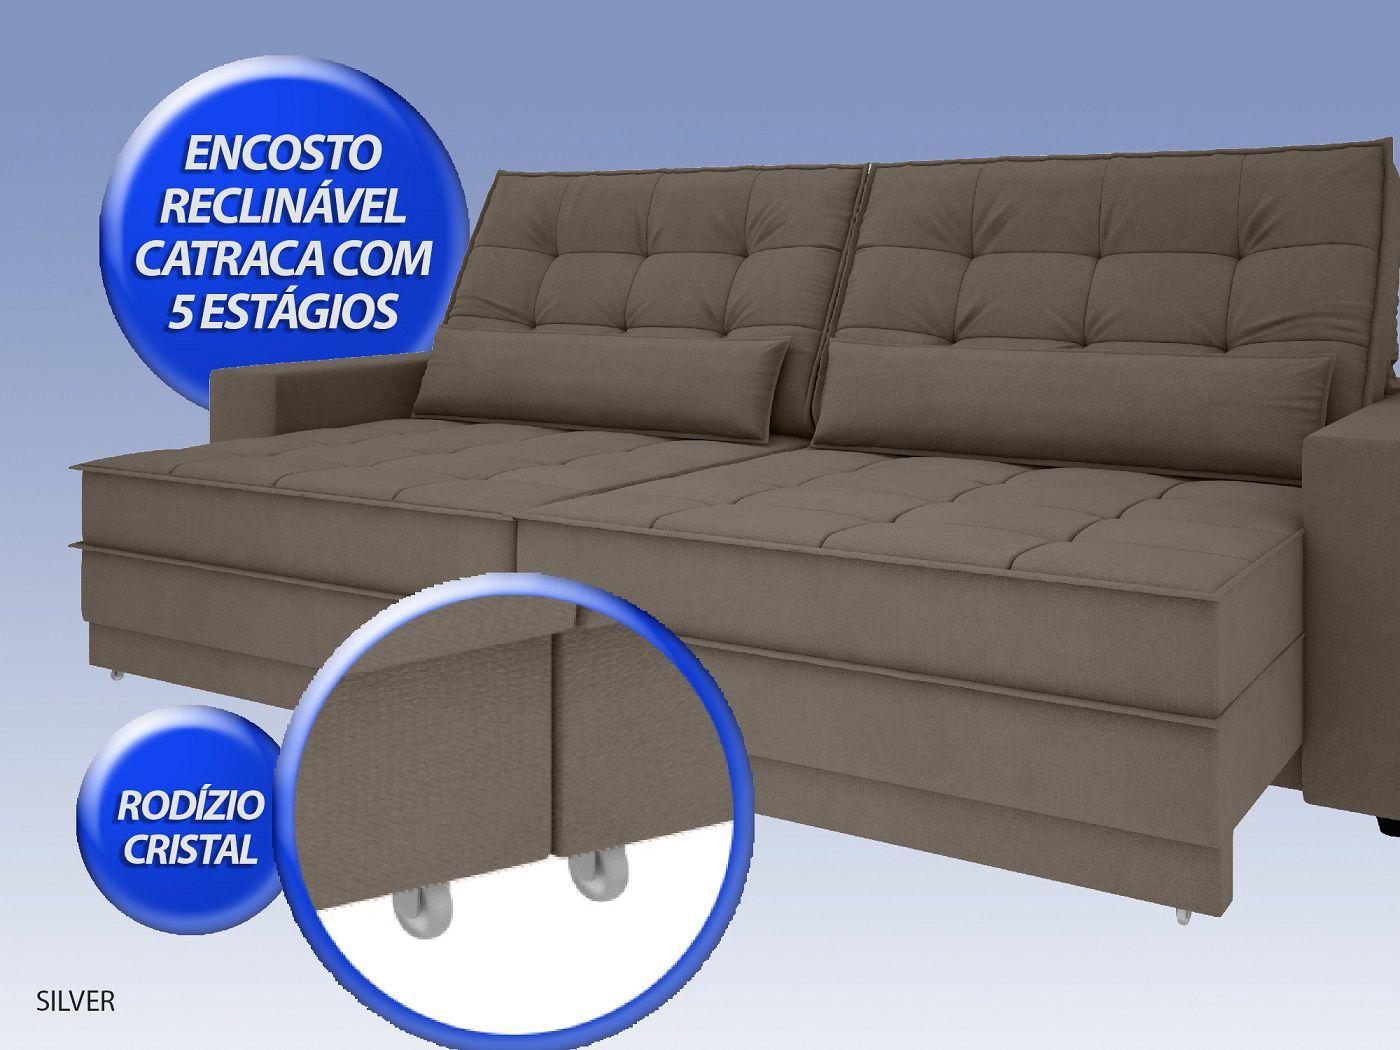 Sofá Silver 2,60m Retrátil e Reclinável Velosuede Marrom - NETSOFAS  - NETSOFÁS